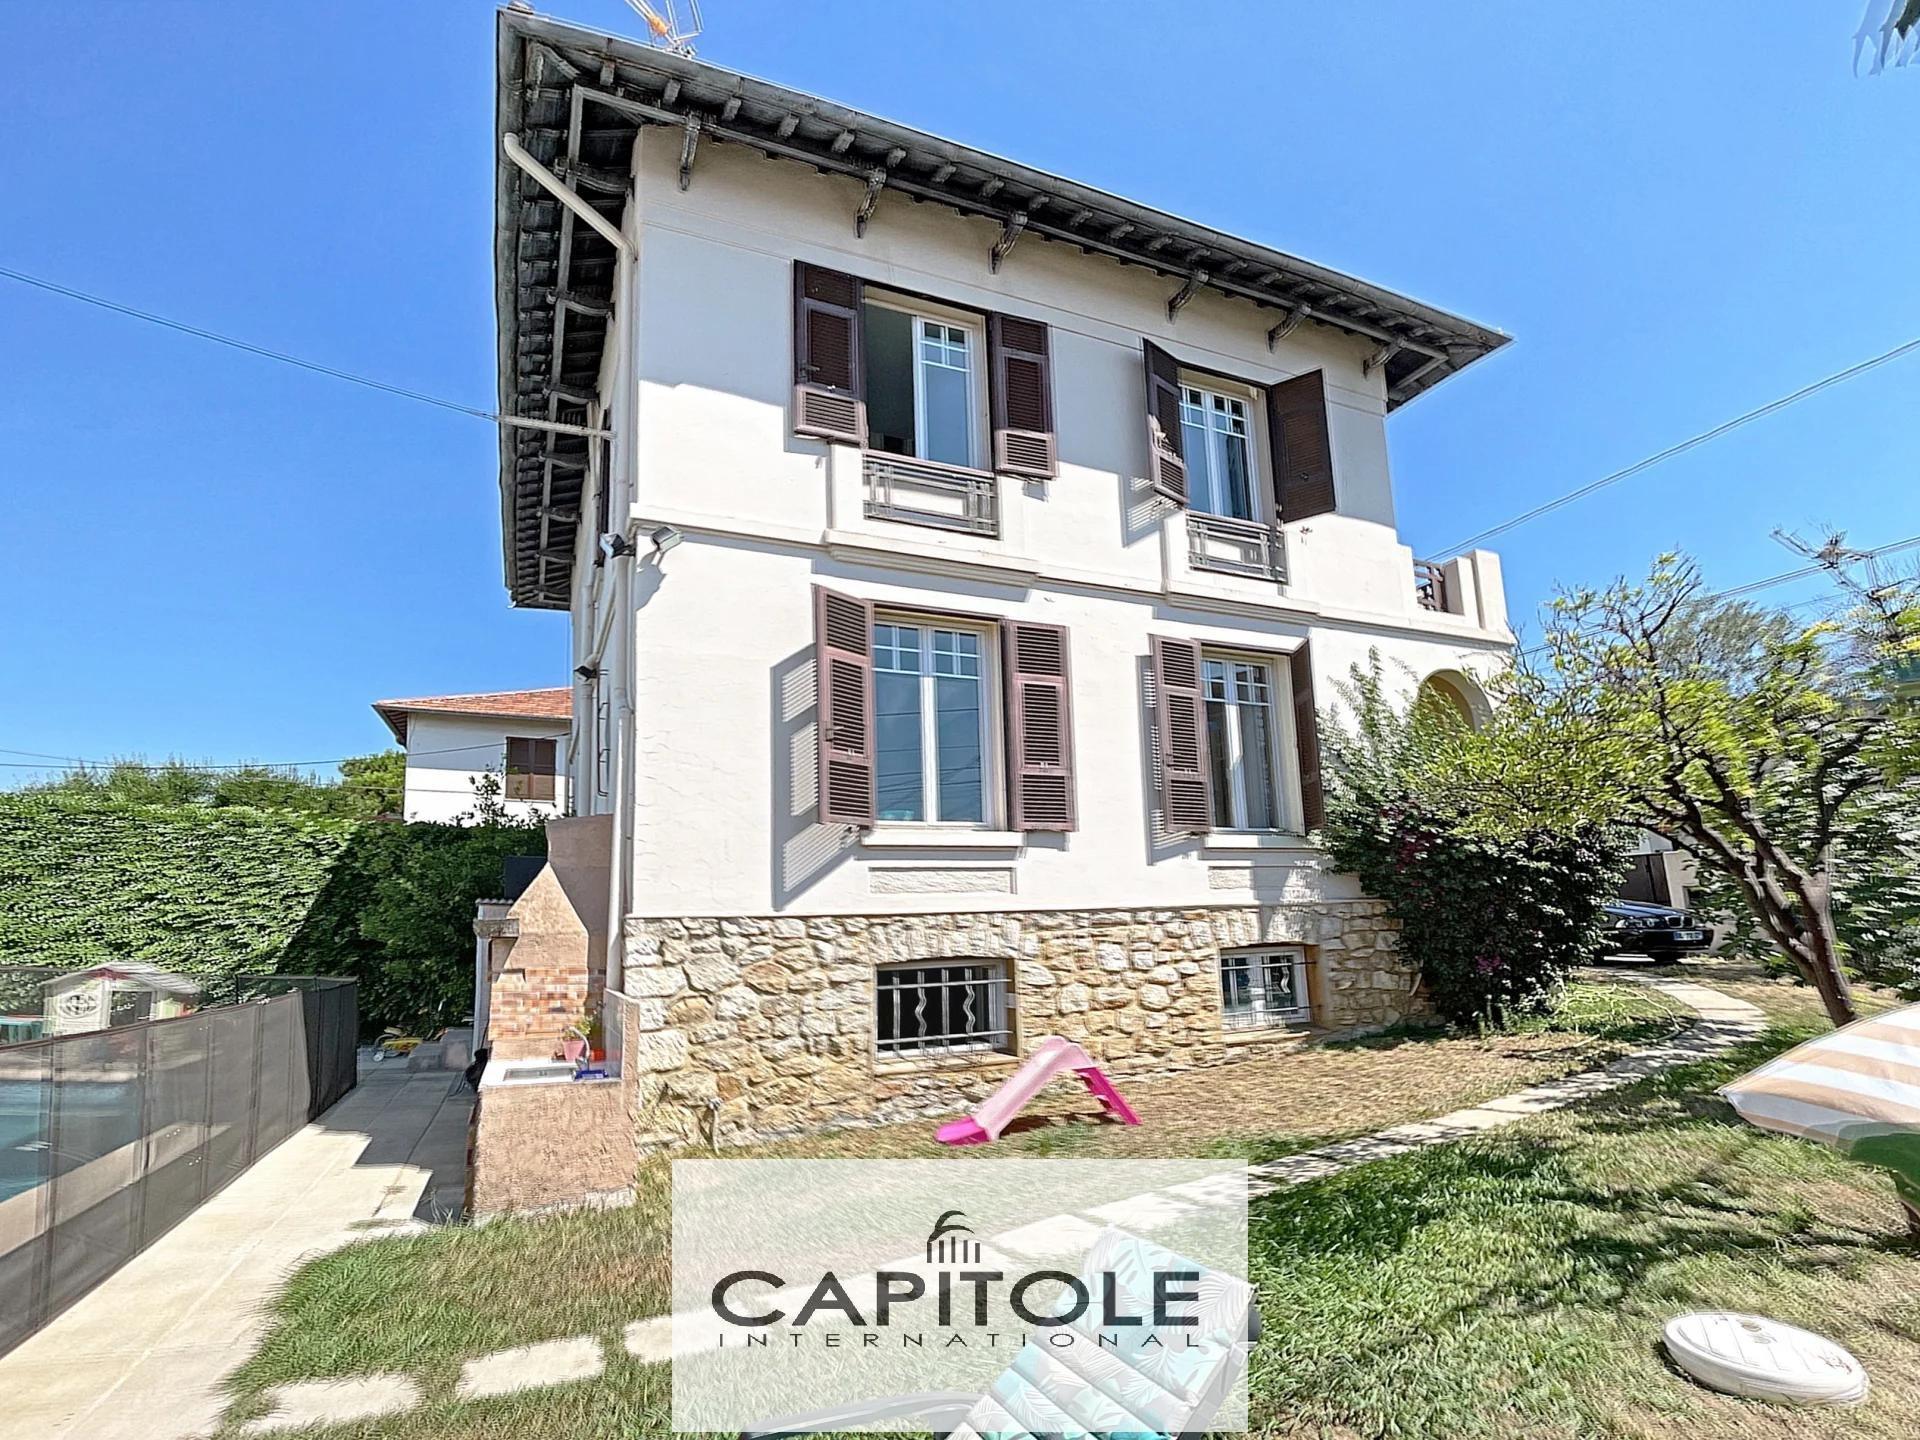 A vendre villa de 120 m² avec jardin et piscine proche centre-ville.